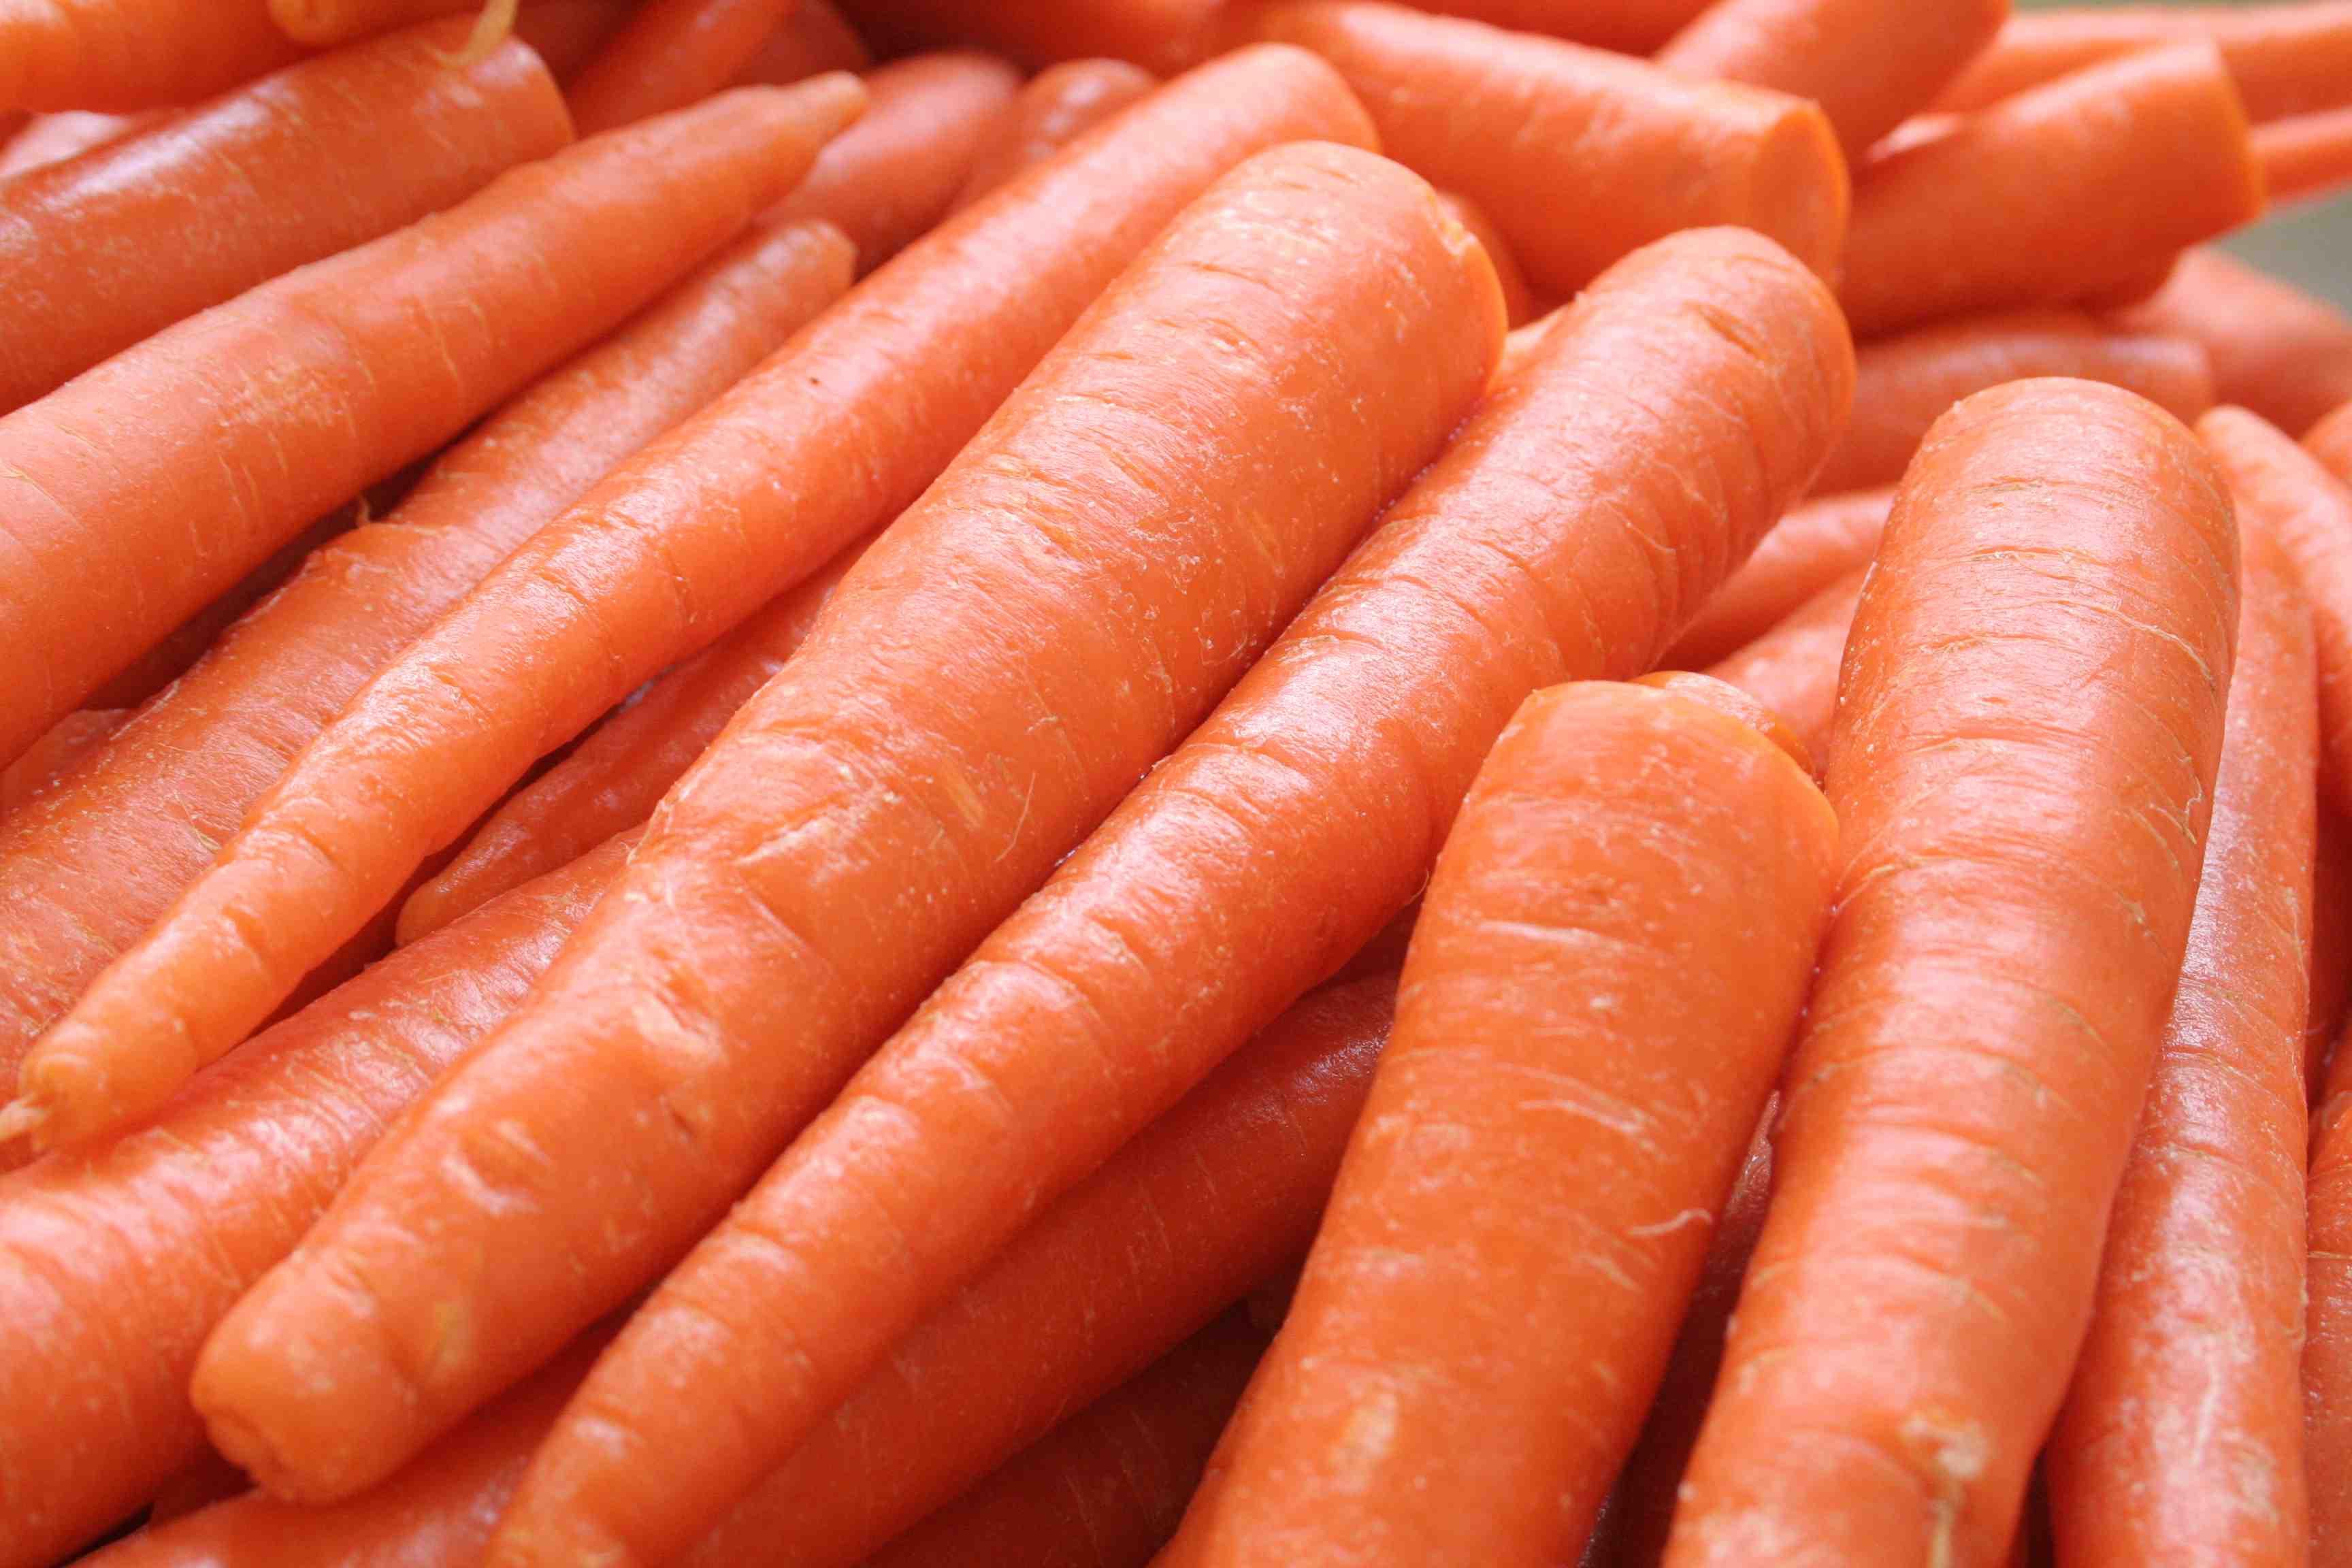 Carrot Fruit Or Vegetable  Carrot Fruit Ve able